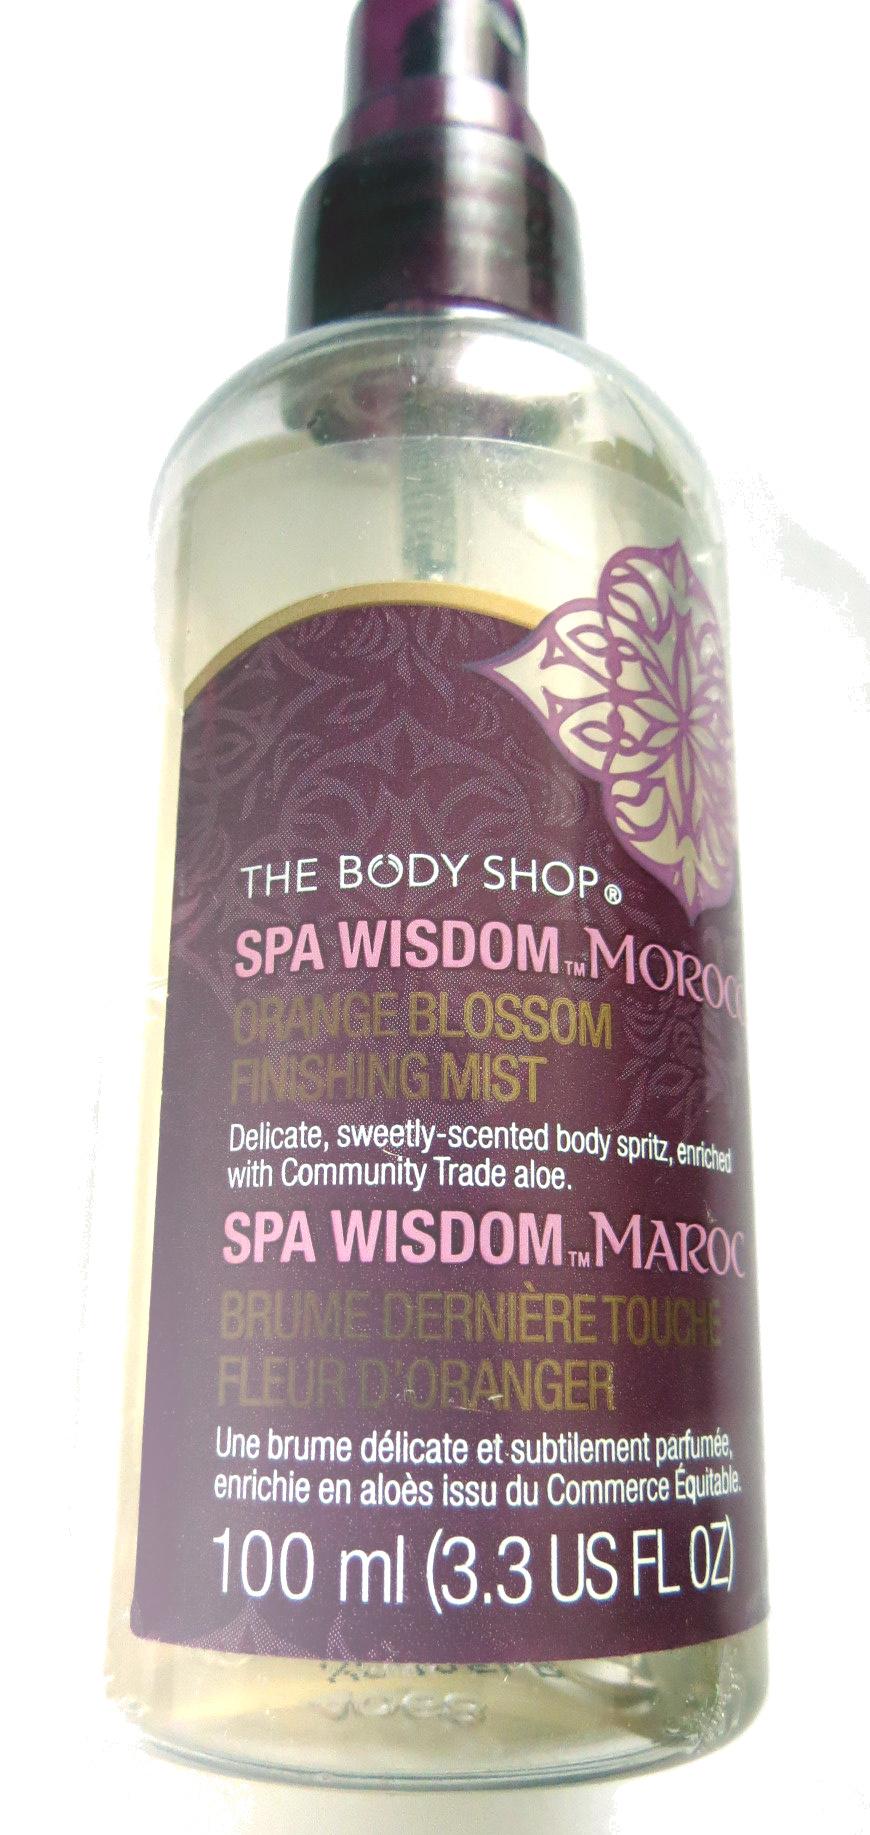 Spa wisdom Maroc Brume dernière touche fleur d'oranger - Product - fr